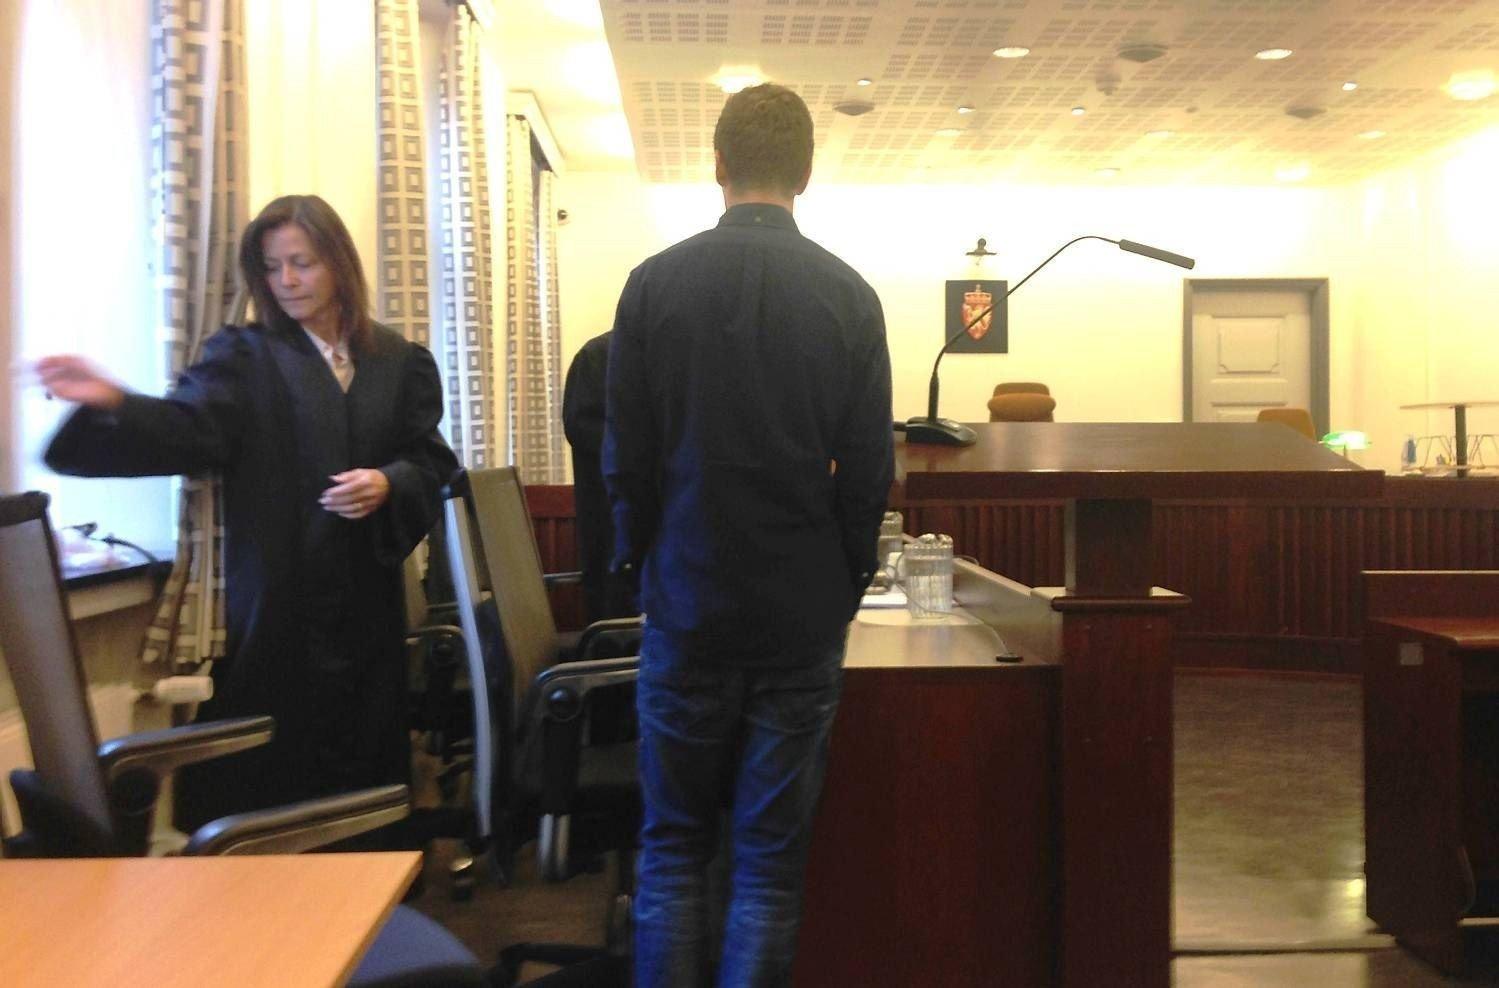 Jackpotvinner Magnus Engevik, her sammen med sin advokat Cecilie Amdahl som også representerer spilloperatøren Betsson. I en fersk dom slås det fast at han må betale skatteregningen på 25 millioner.